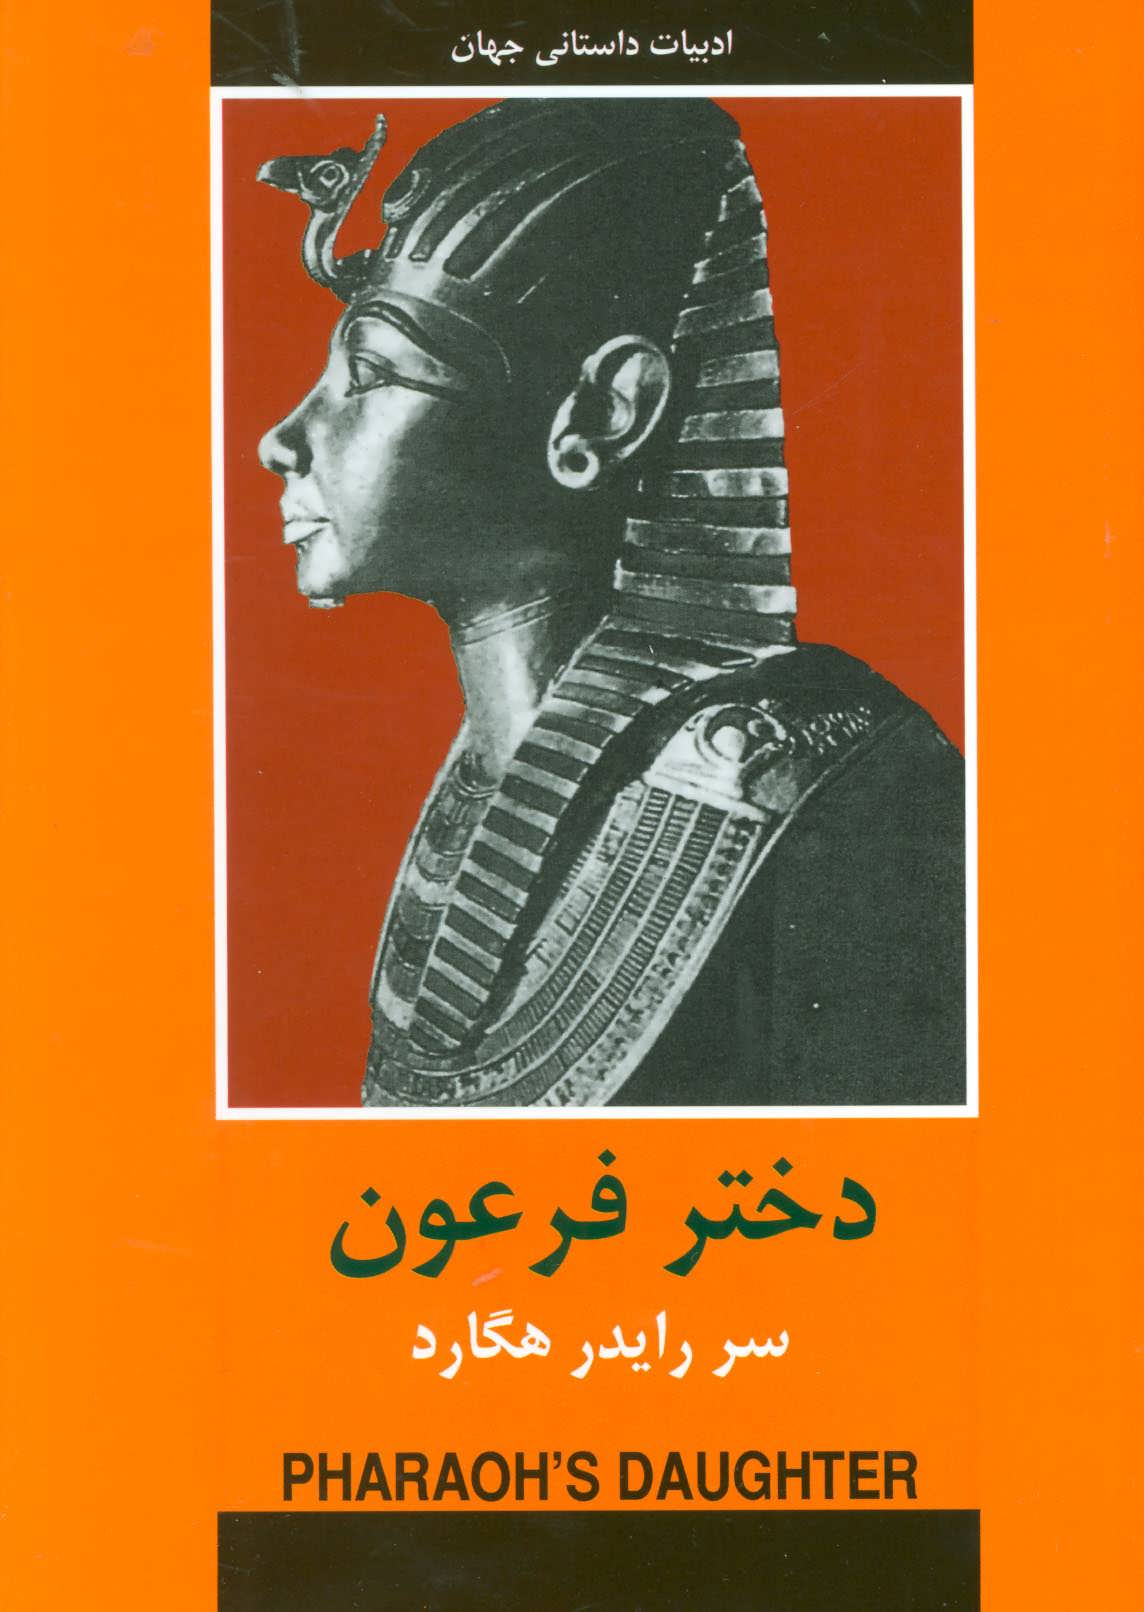 کتاب دختر فرعون